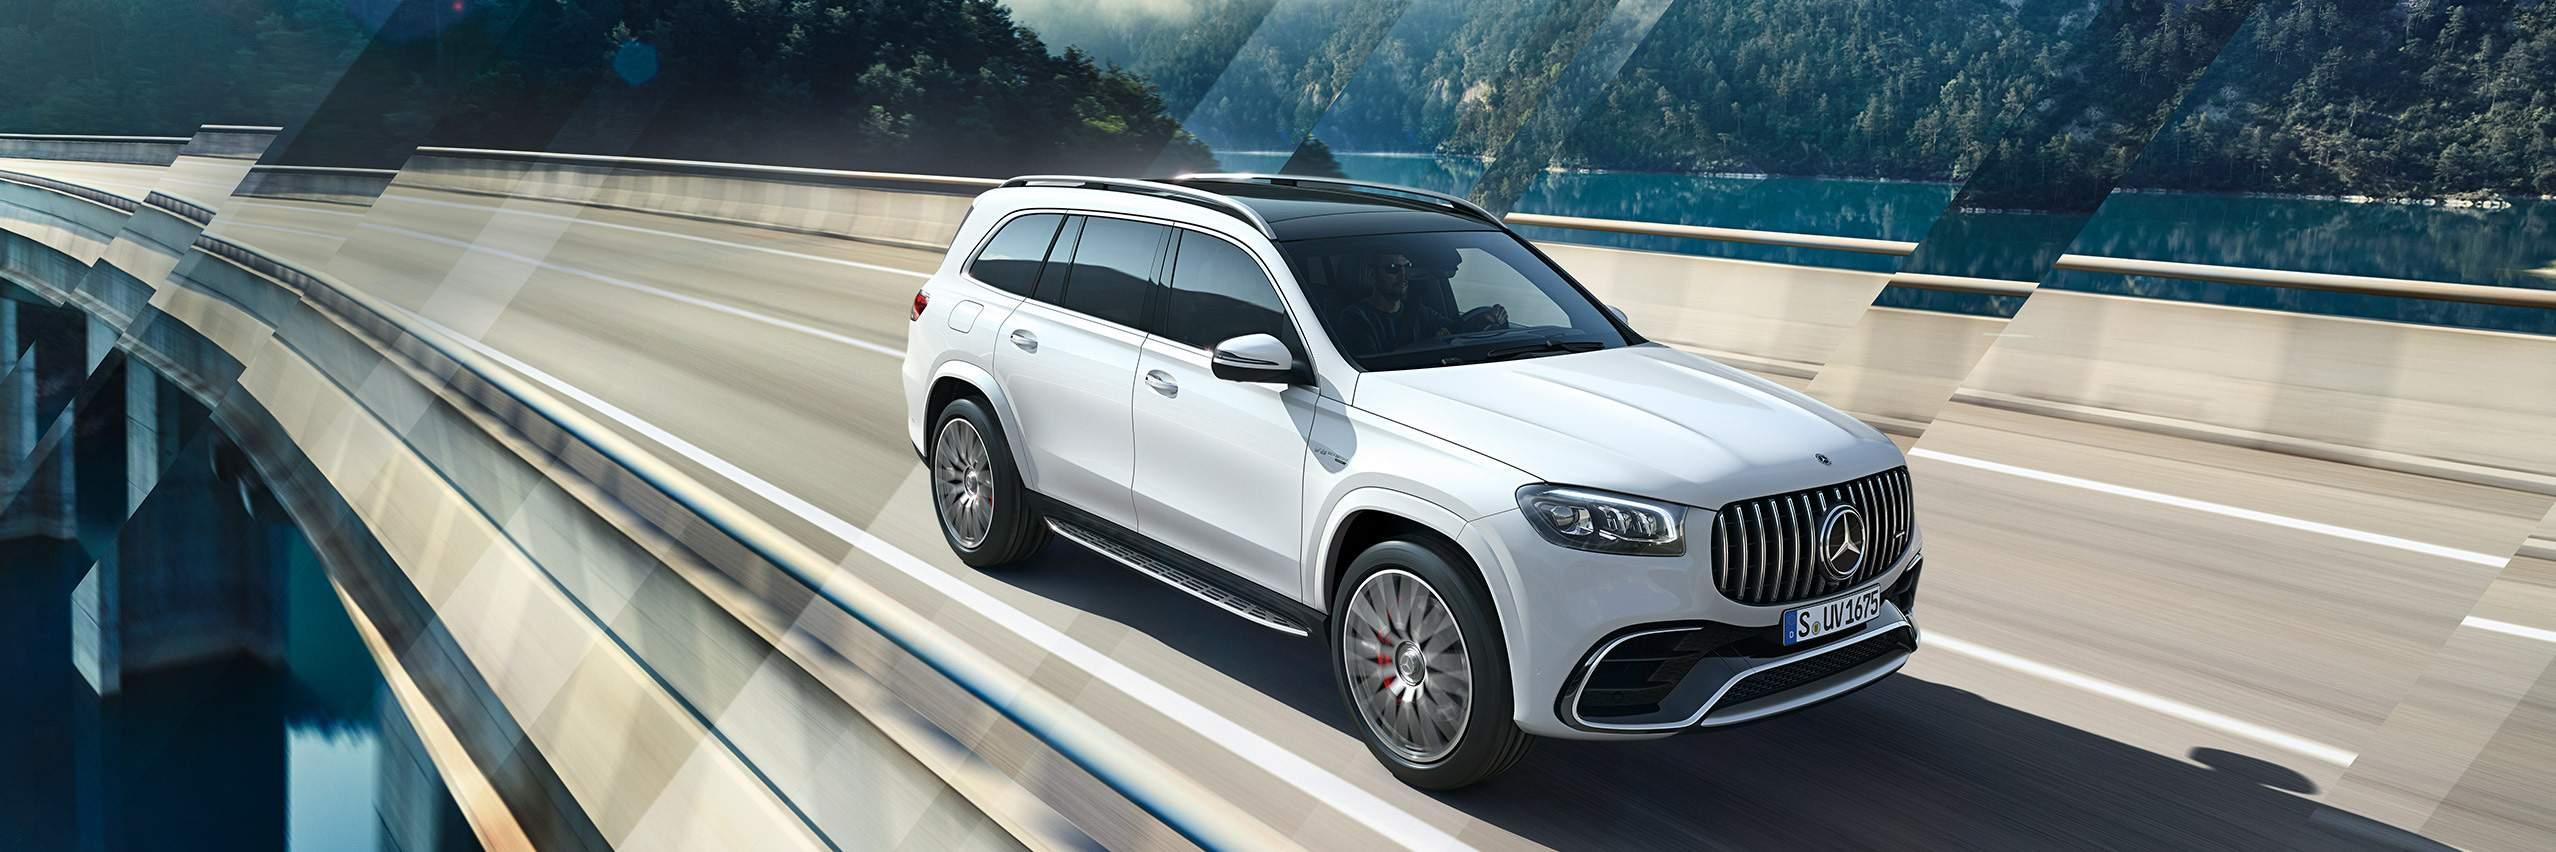 CAR-Avenue-Mercedes-AMG-GLE-Coupe-SUV-06